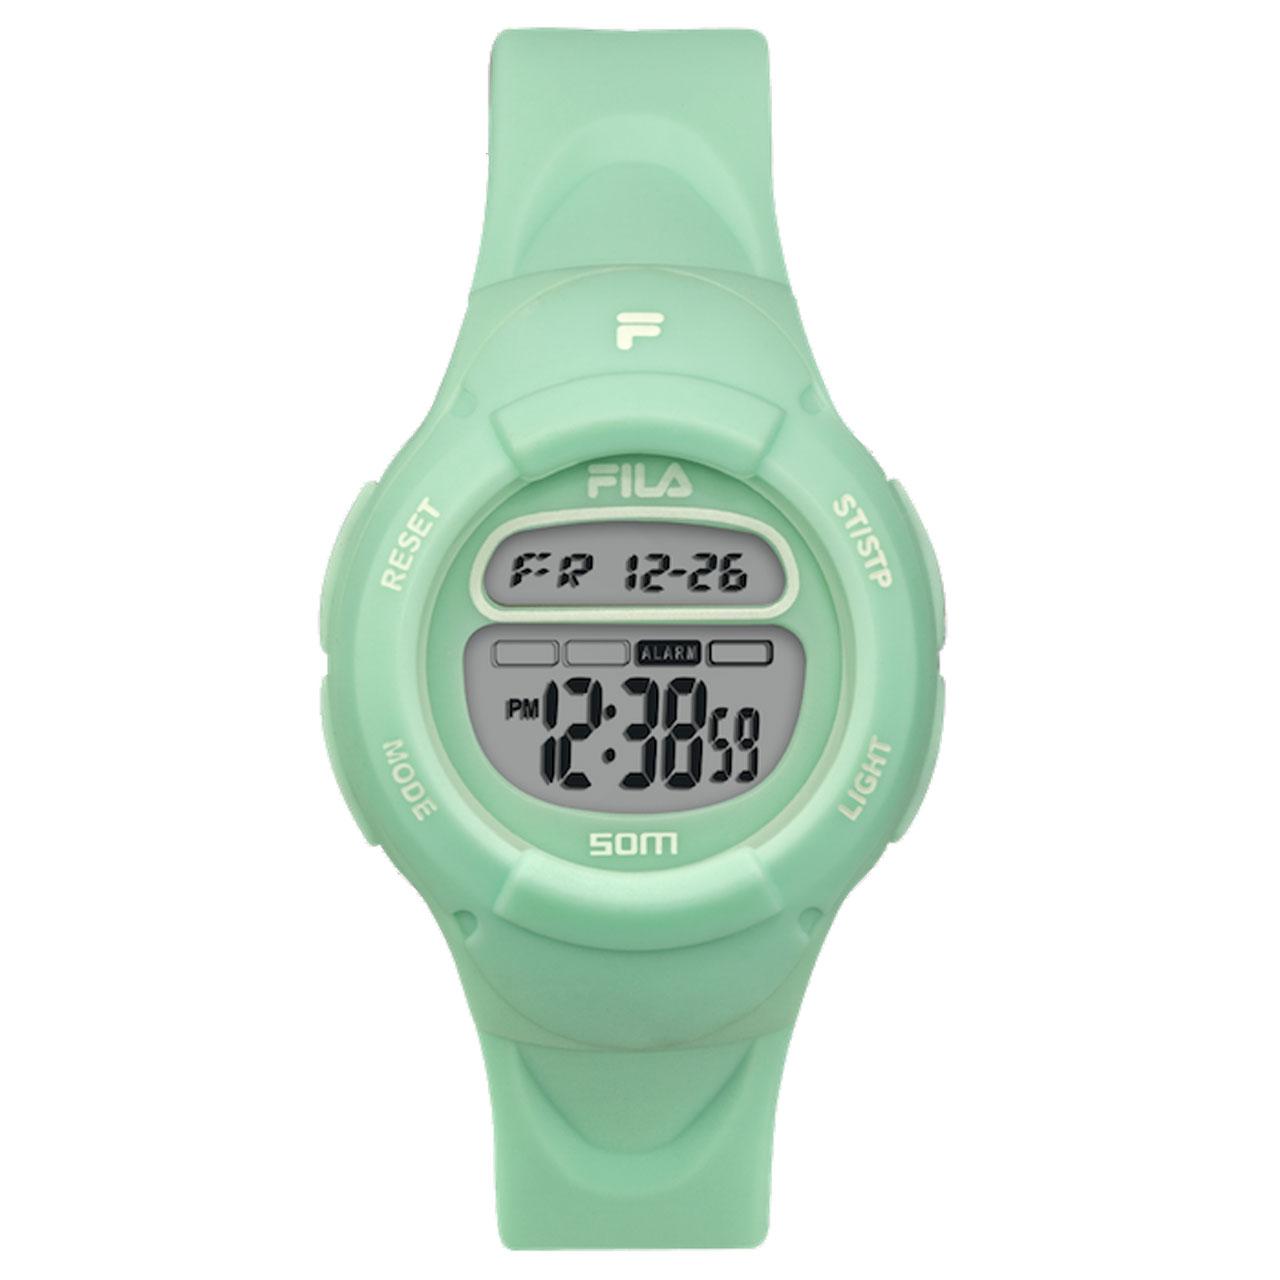 ساعت مچی دیجیتال زنانه فیلا مدل 38-213-007